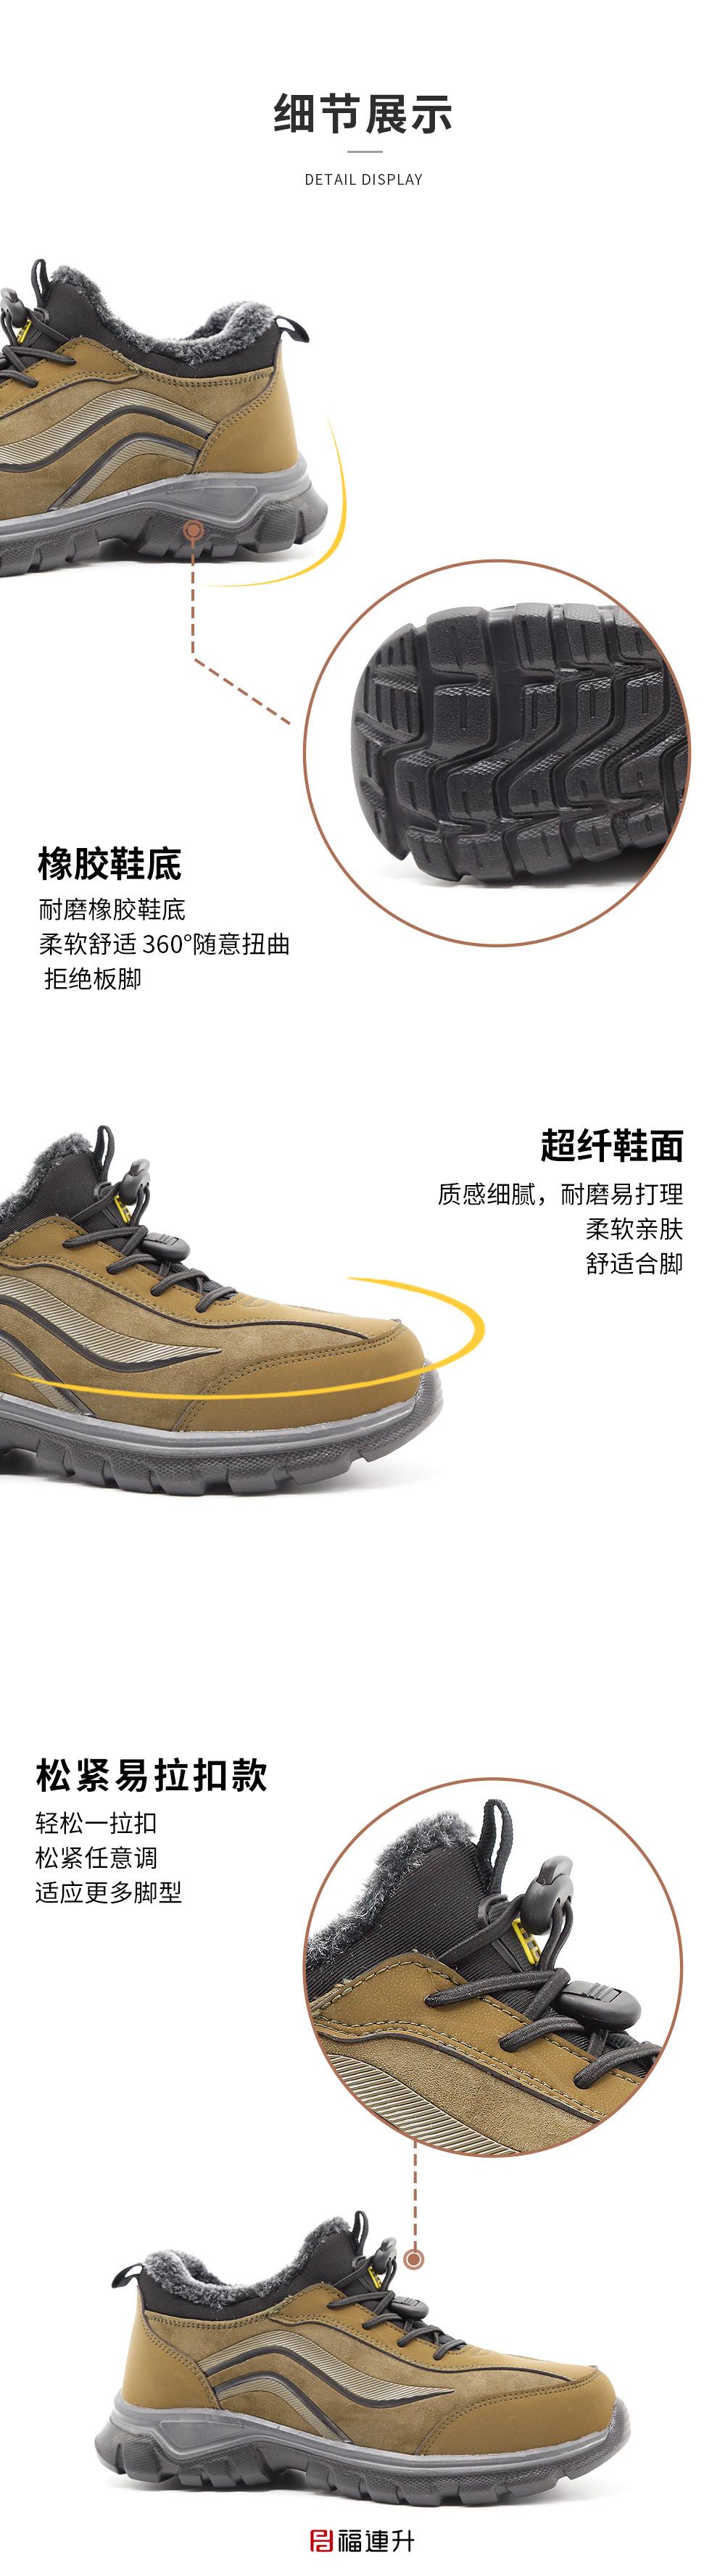 福连升2020冬季新款男止滑运动鞋棉麻舒适旅游鞋图片